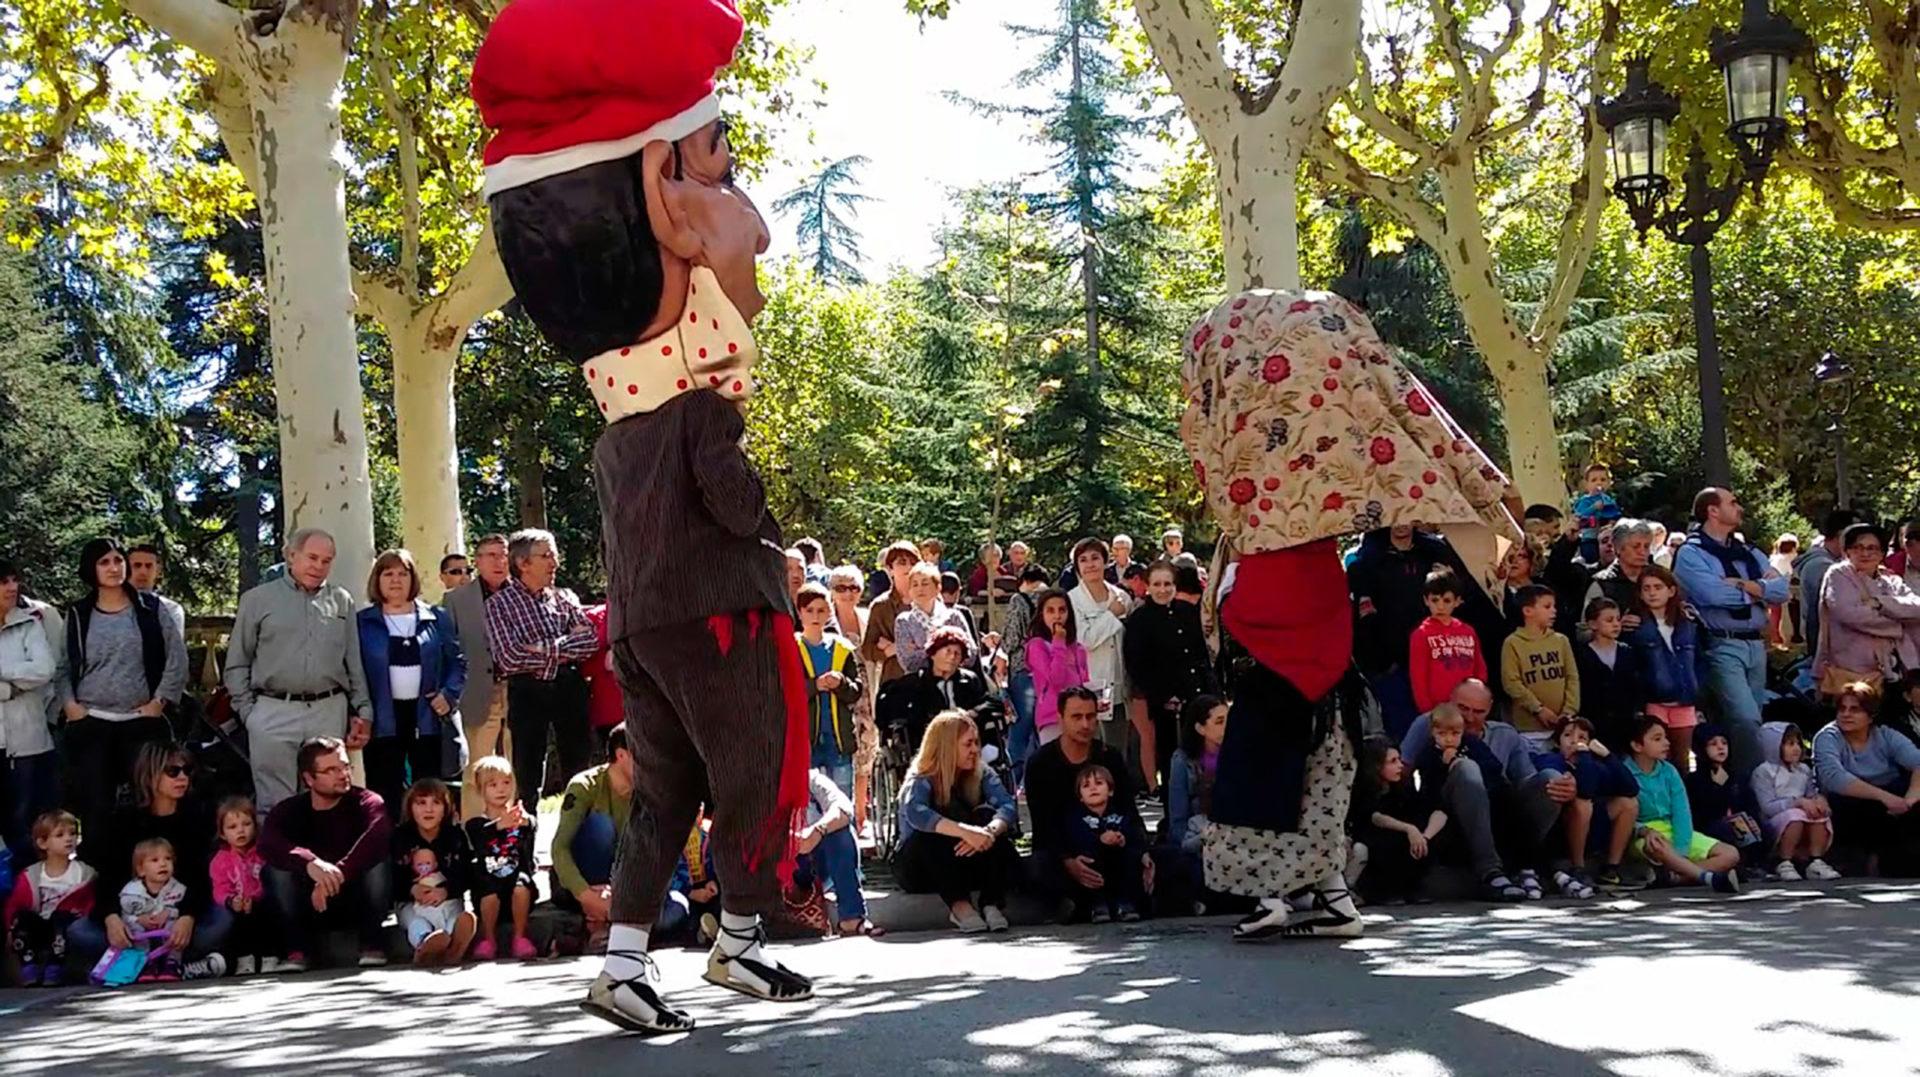 Ball de la faràndula del barri de Sant Ferriol